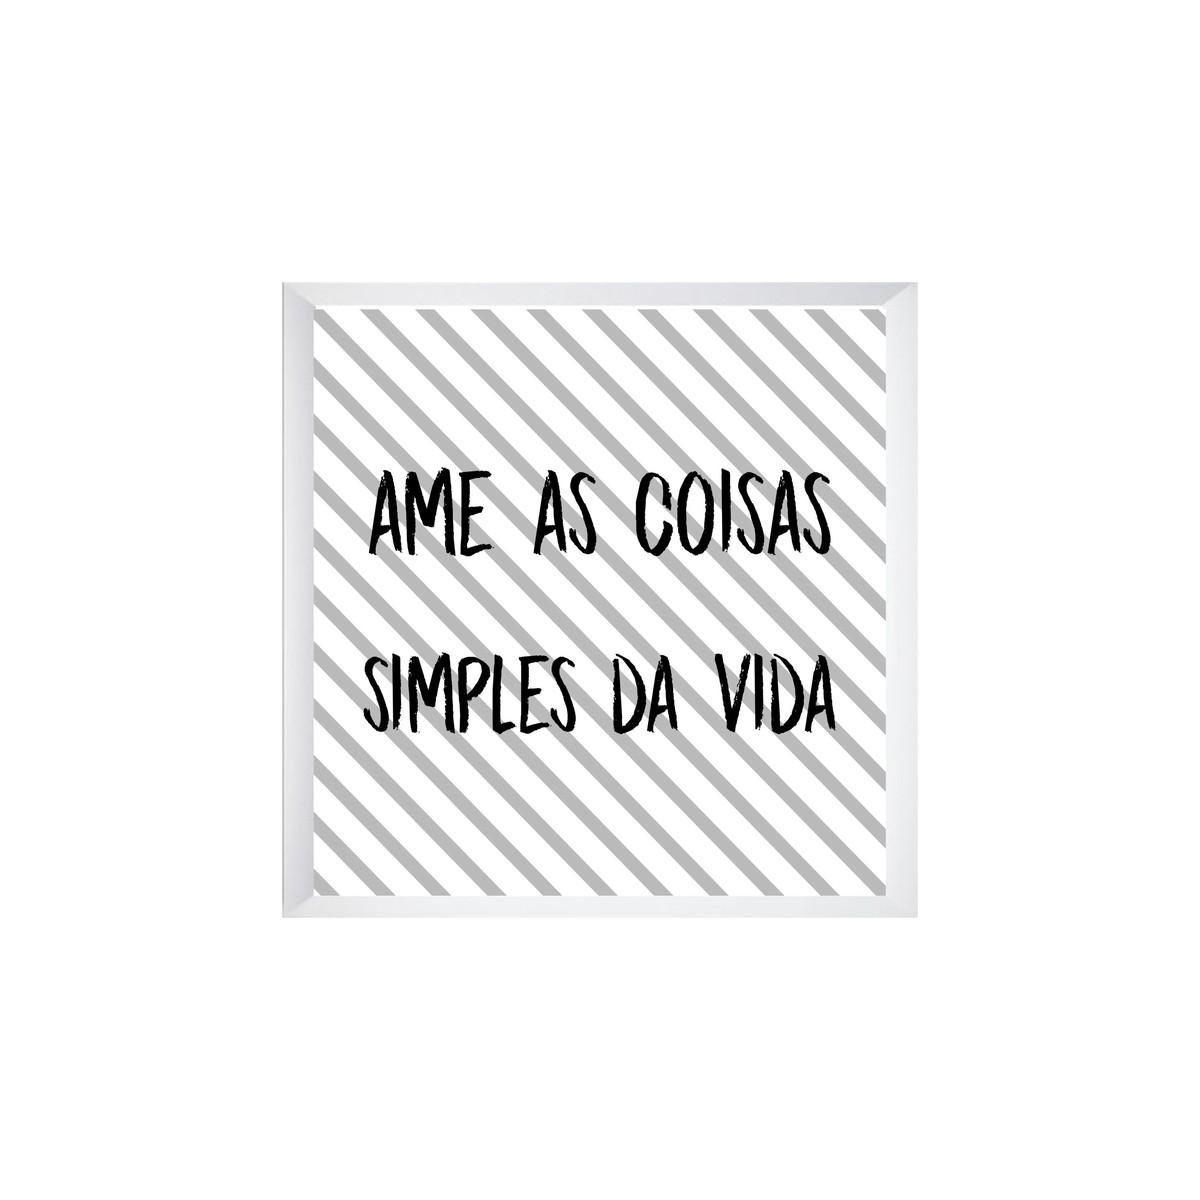 Quadro Ame As Coisas Simples Da Vida No Elo7 Ateliê Ana ávila Dad9b7